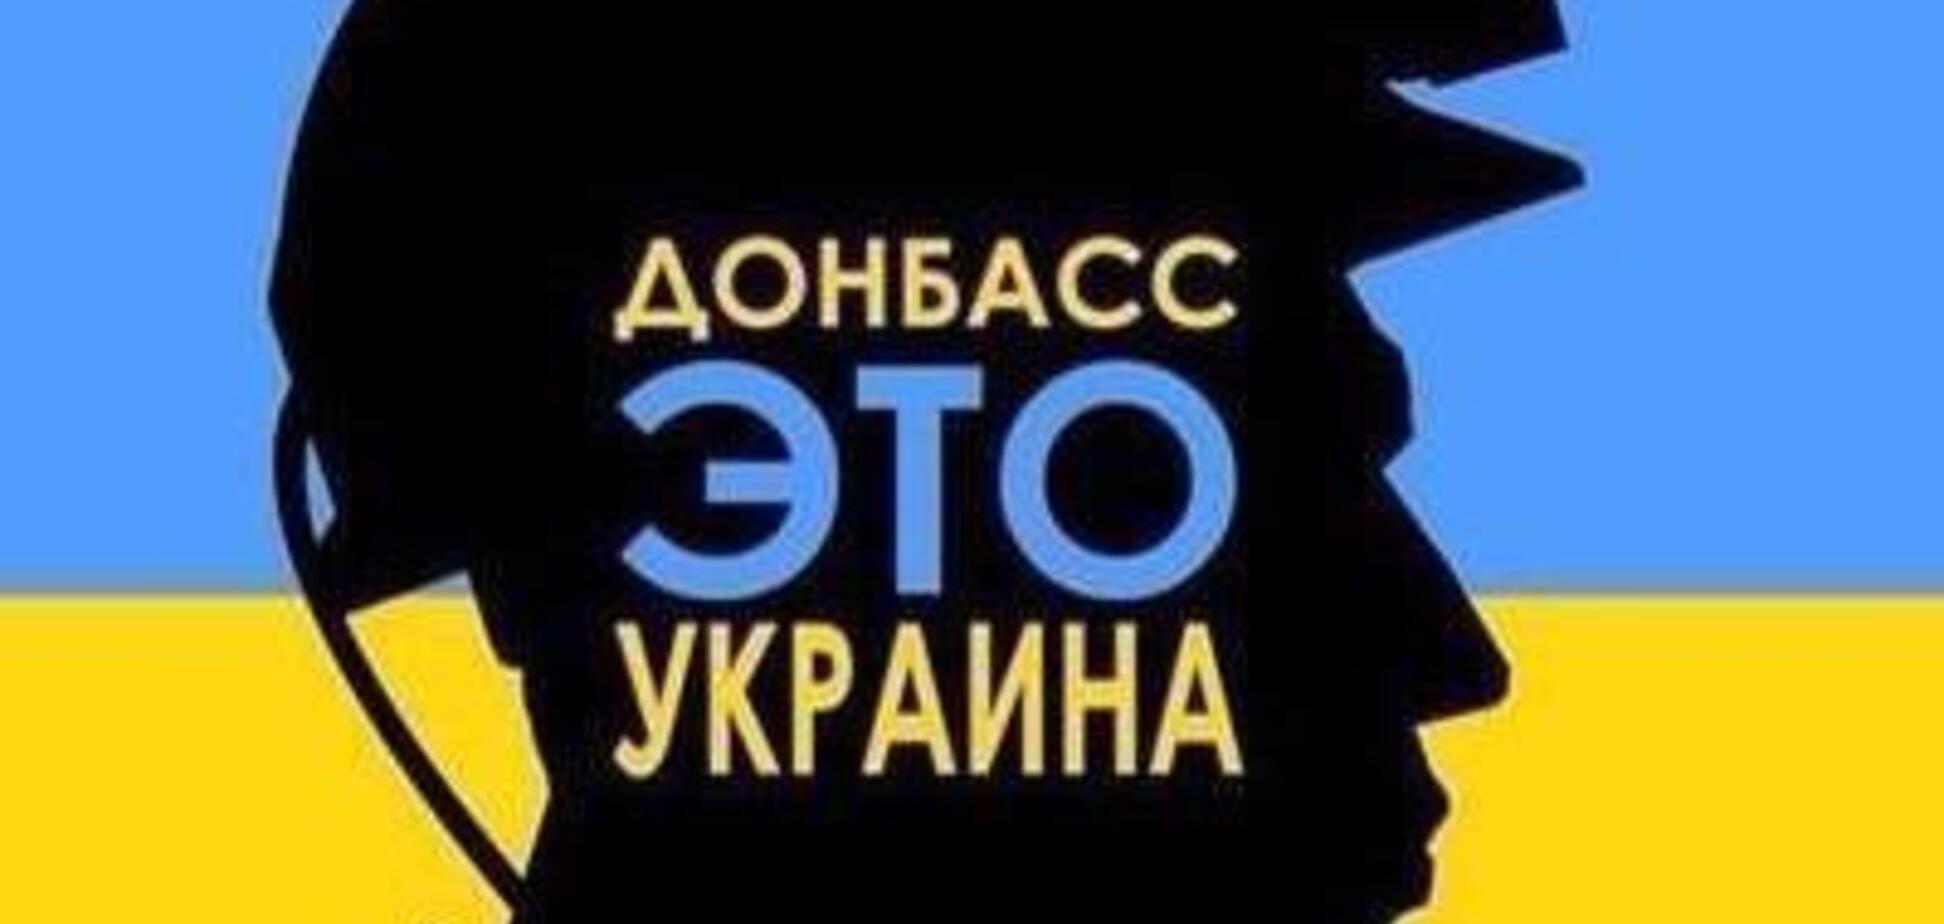 Донбасс могли вернуть еще четыре года назад: раскрыты неожиданные подробности